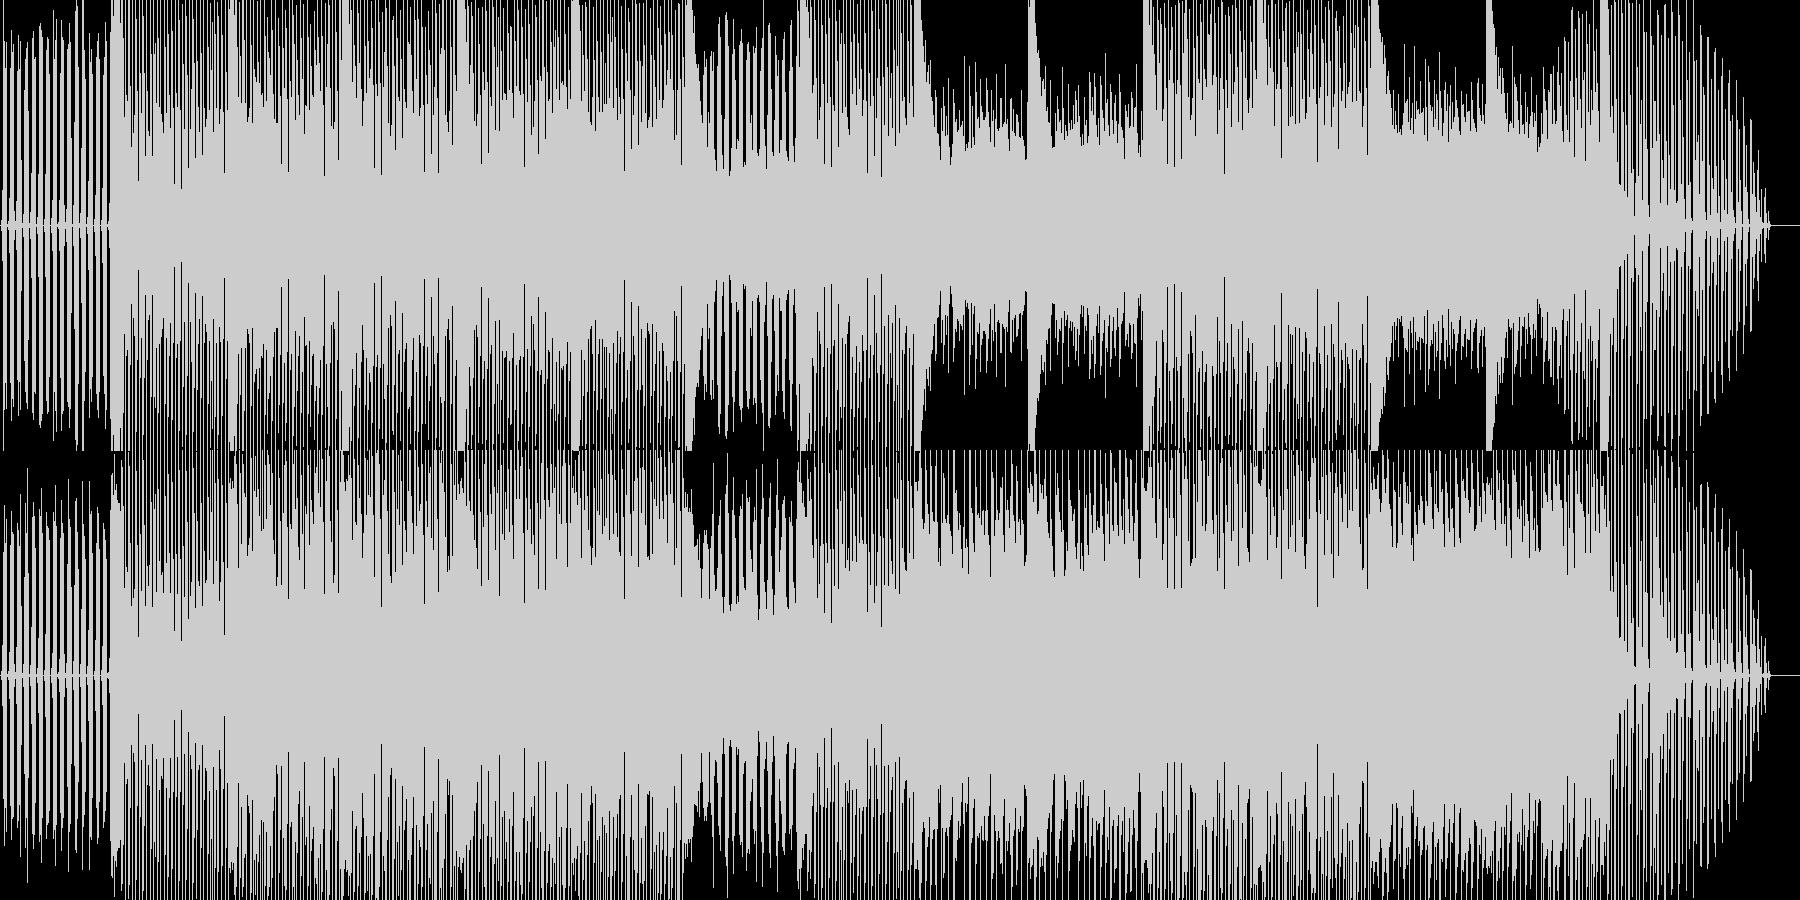 ロードムービー等にある明るく爽やかな曲の未再生の波形